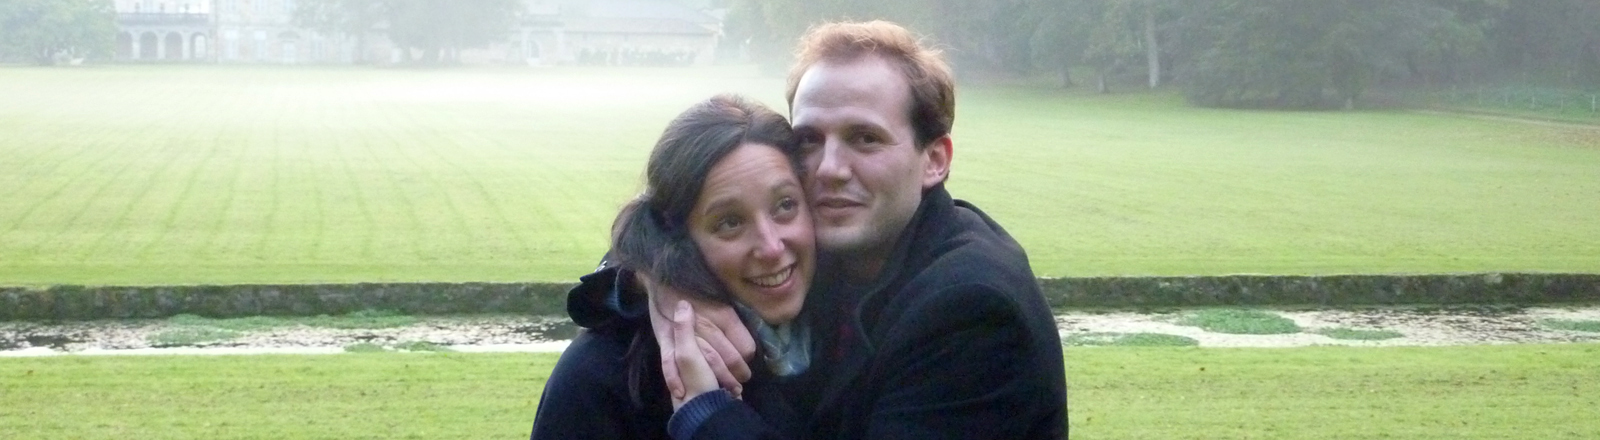 Konstanze und ihr bester Freund Francois Louis